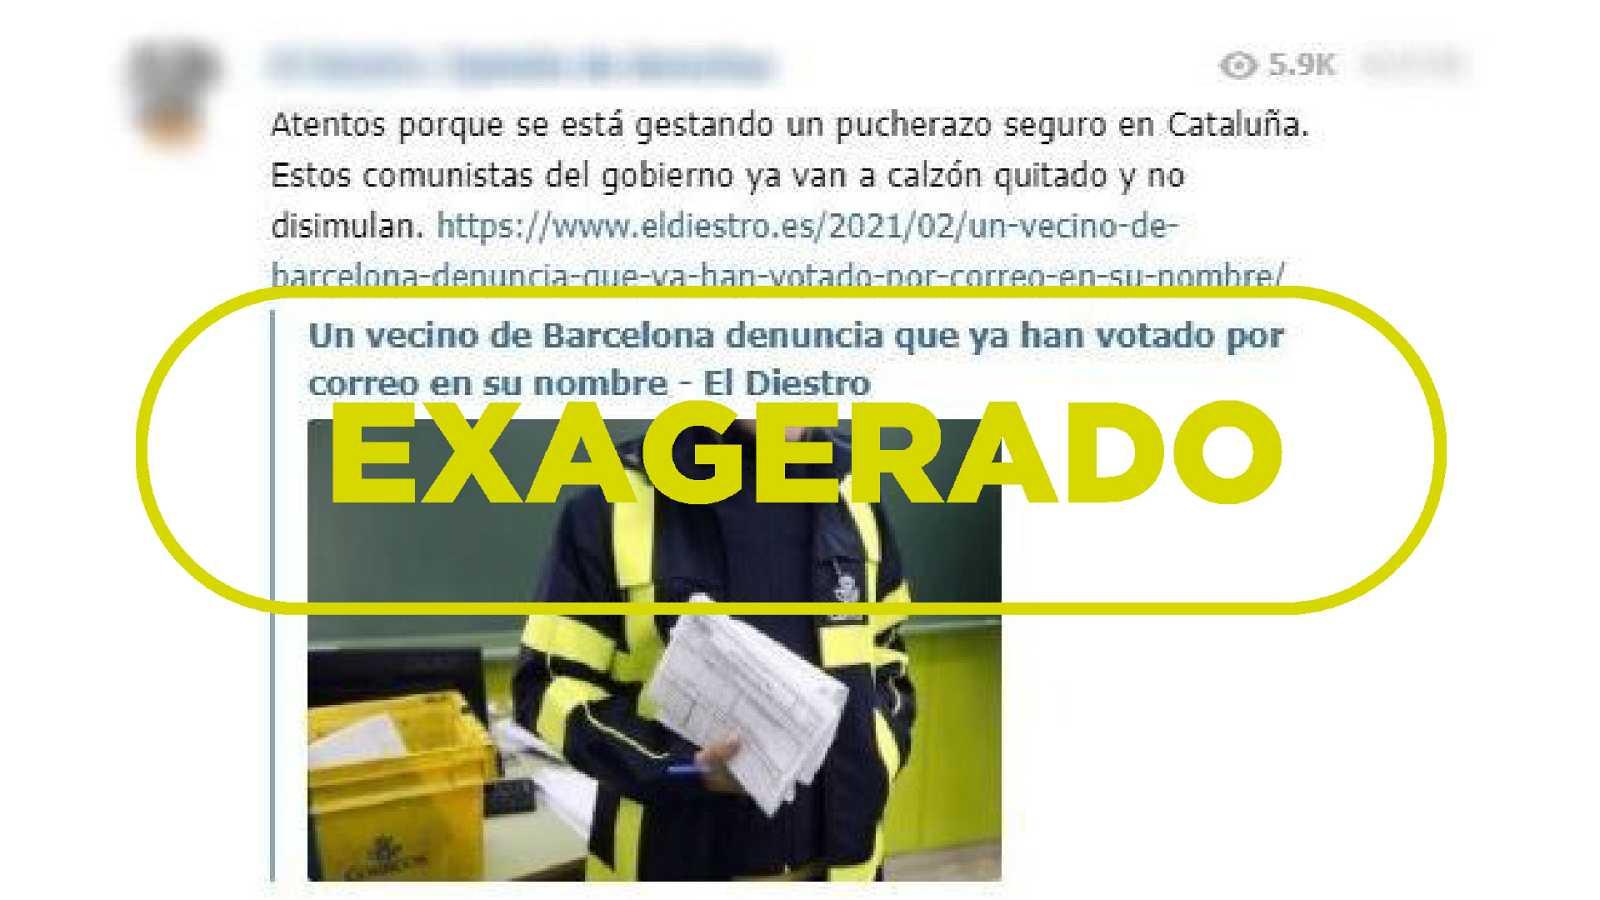 Captura del mensaje que denuncia que alguien votó por un elector en Barcelona con el sello Exagerado de VerificaRTVE